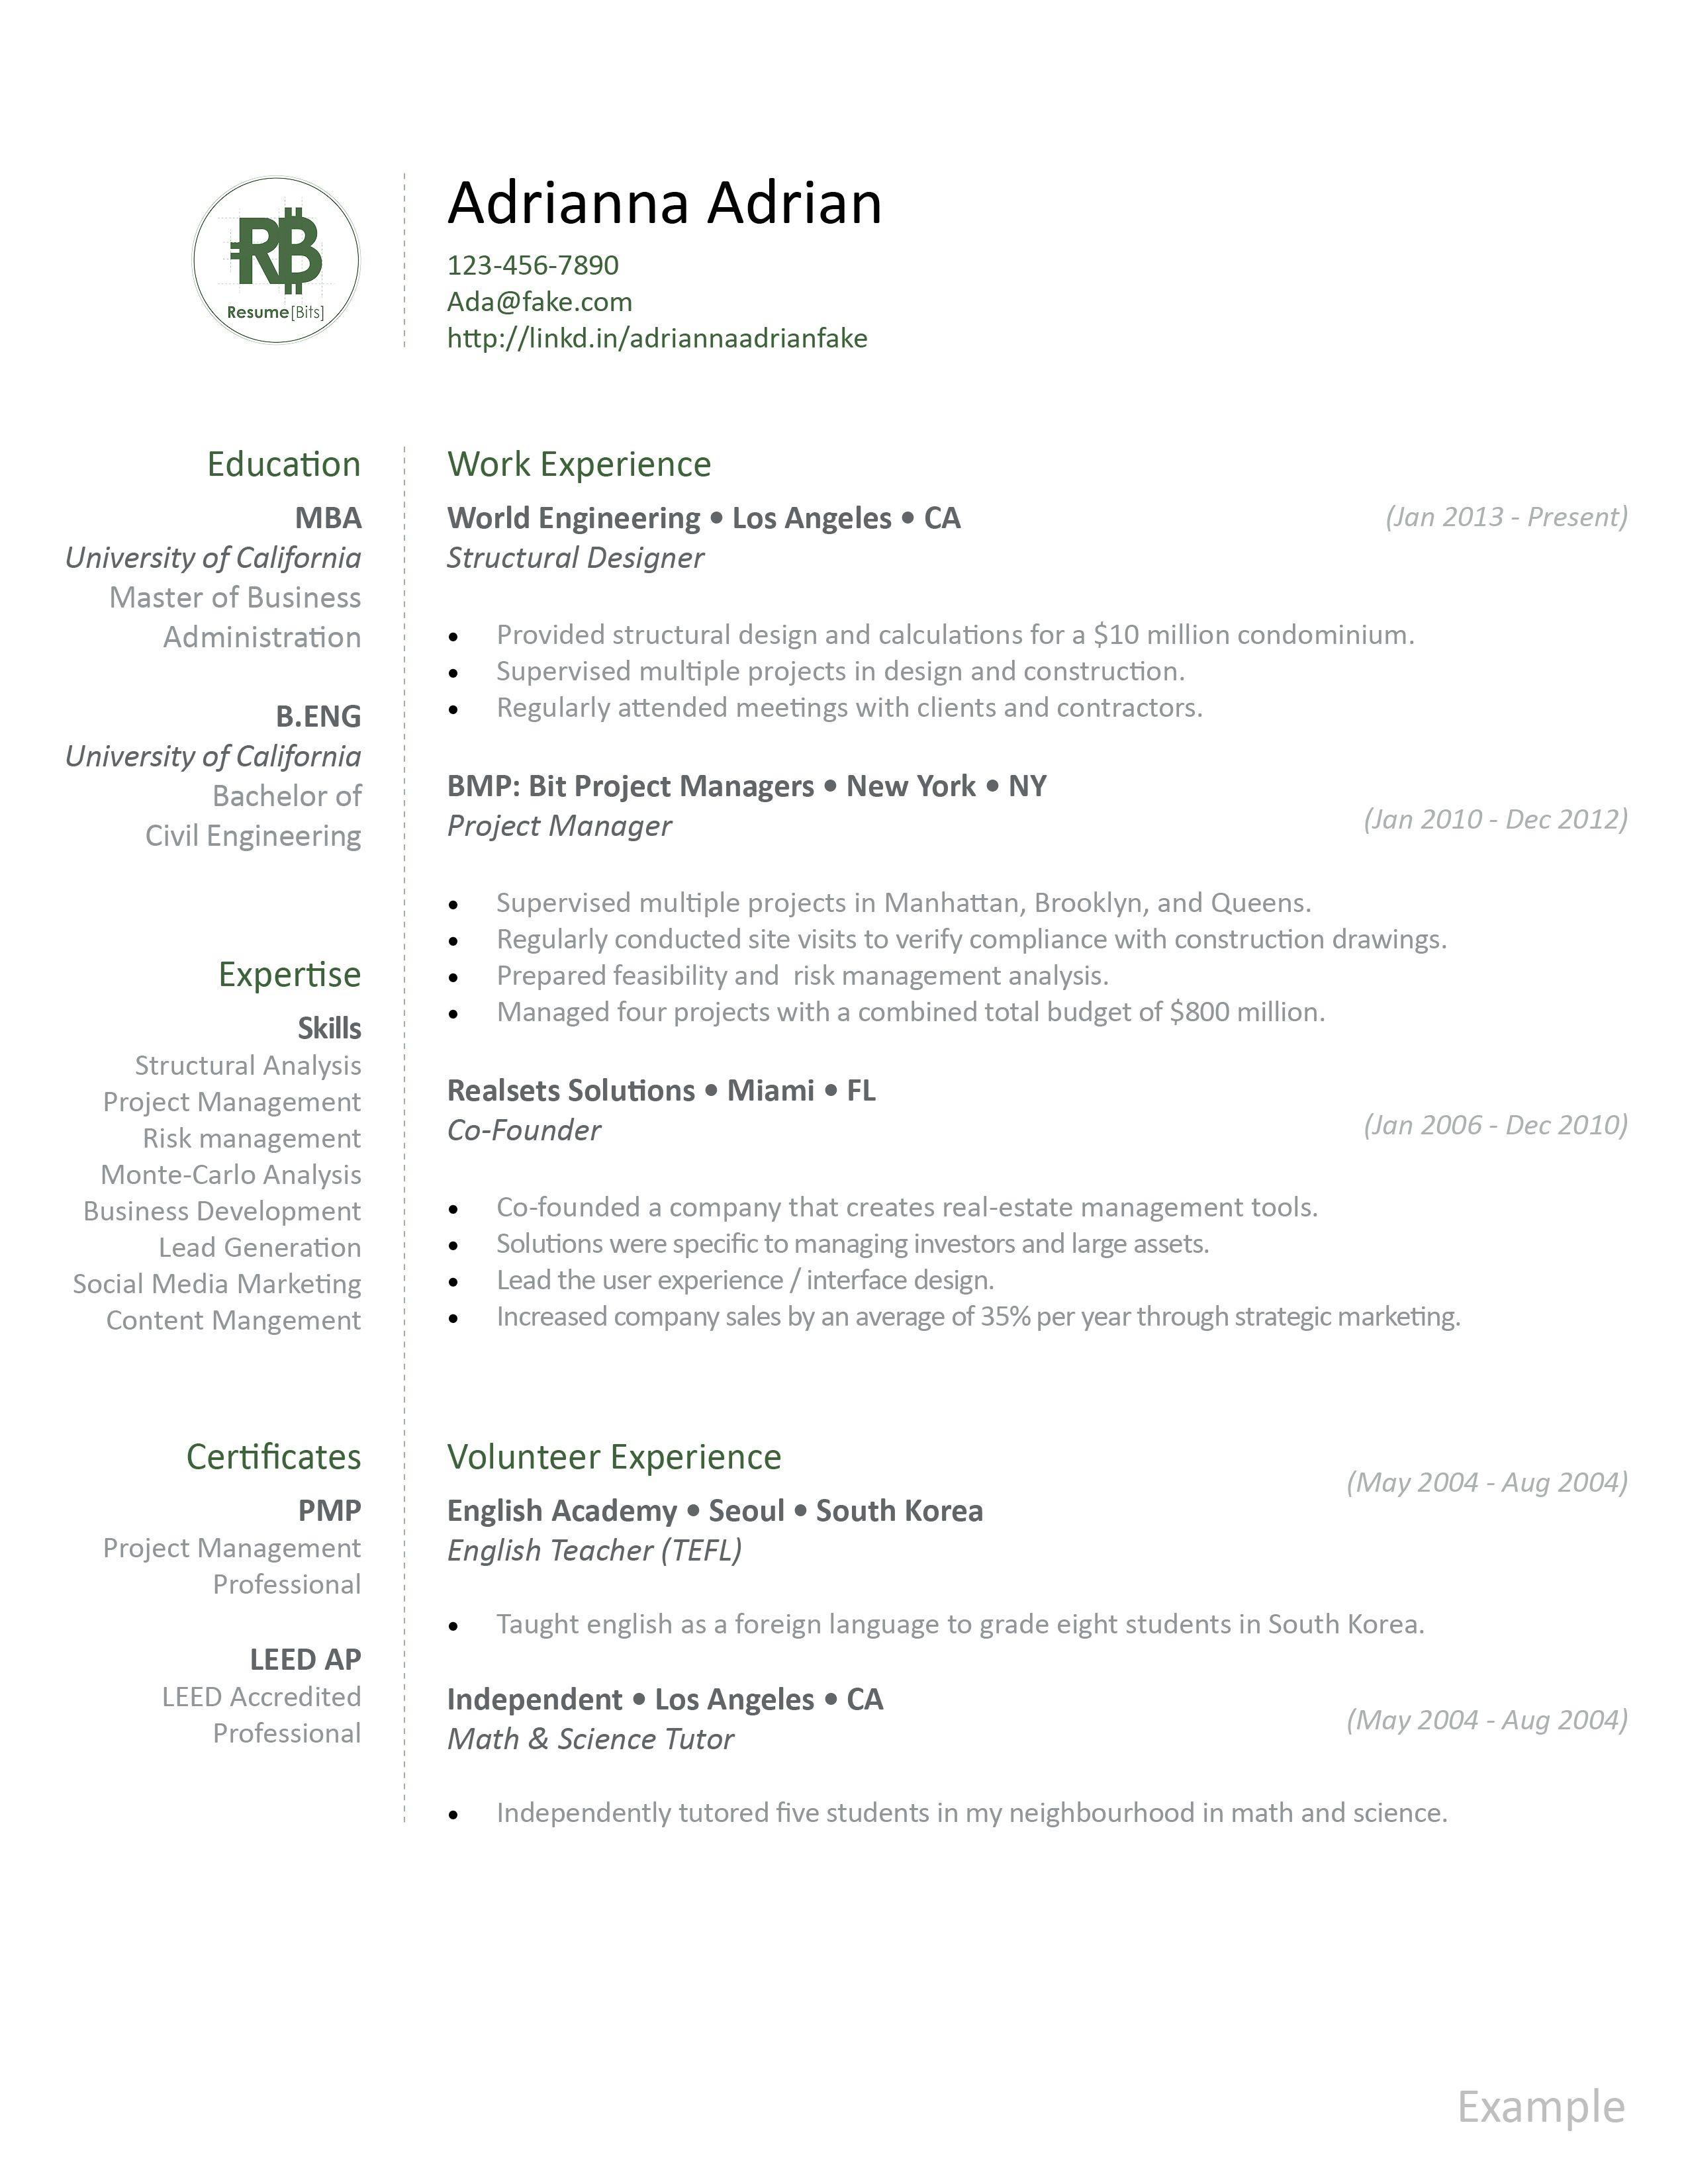 Resume Examples 2018 Reddit